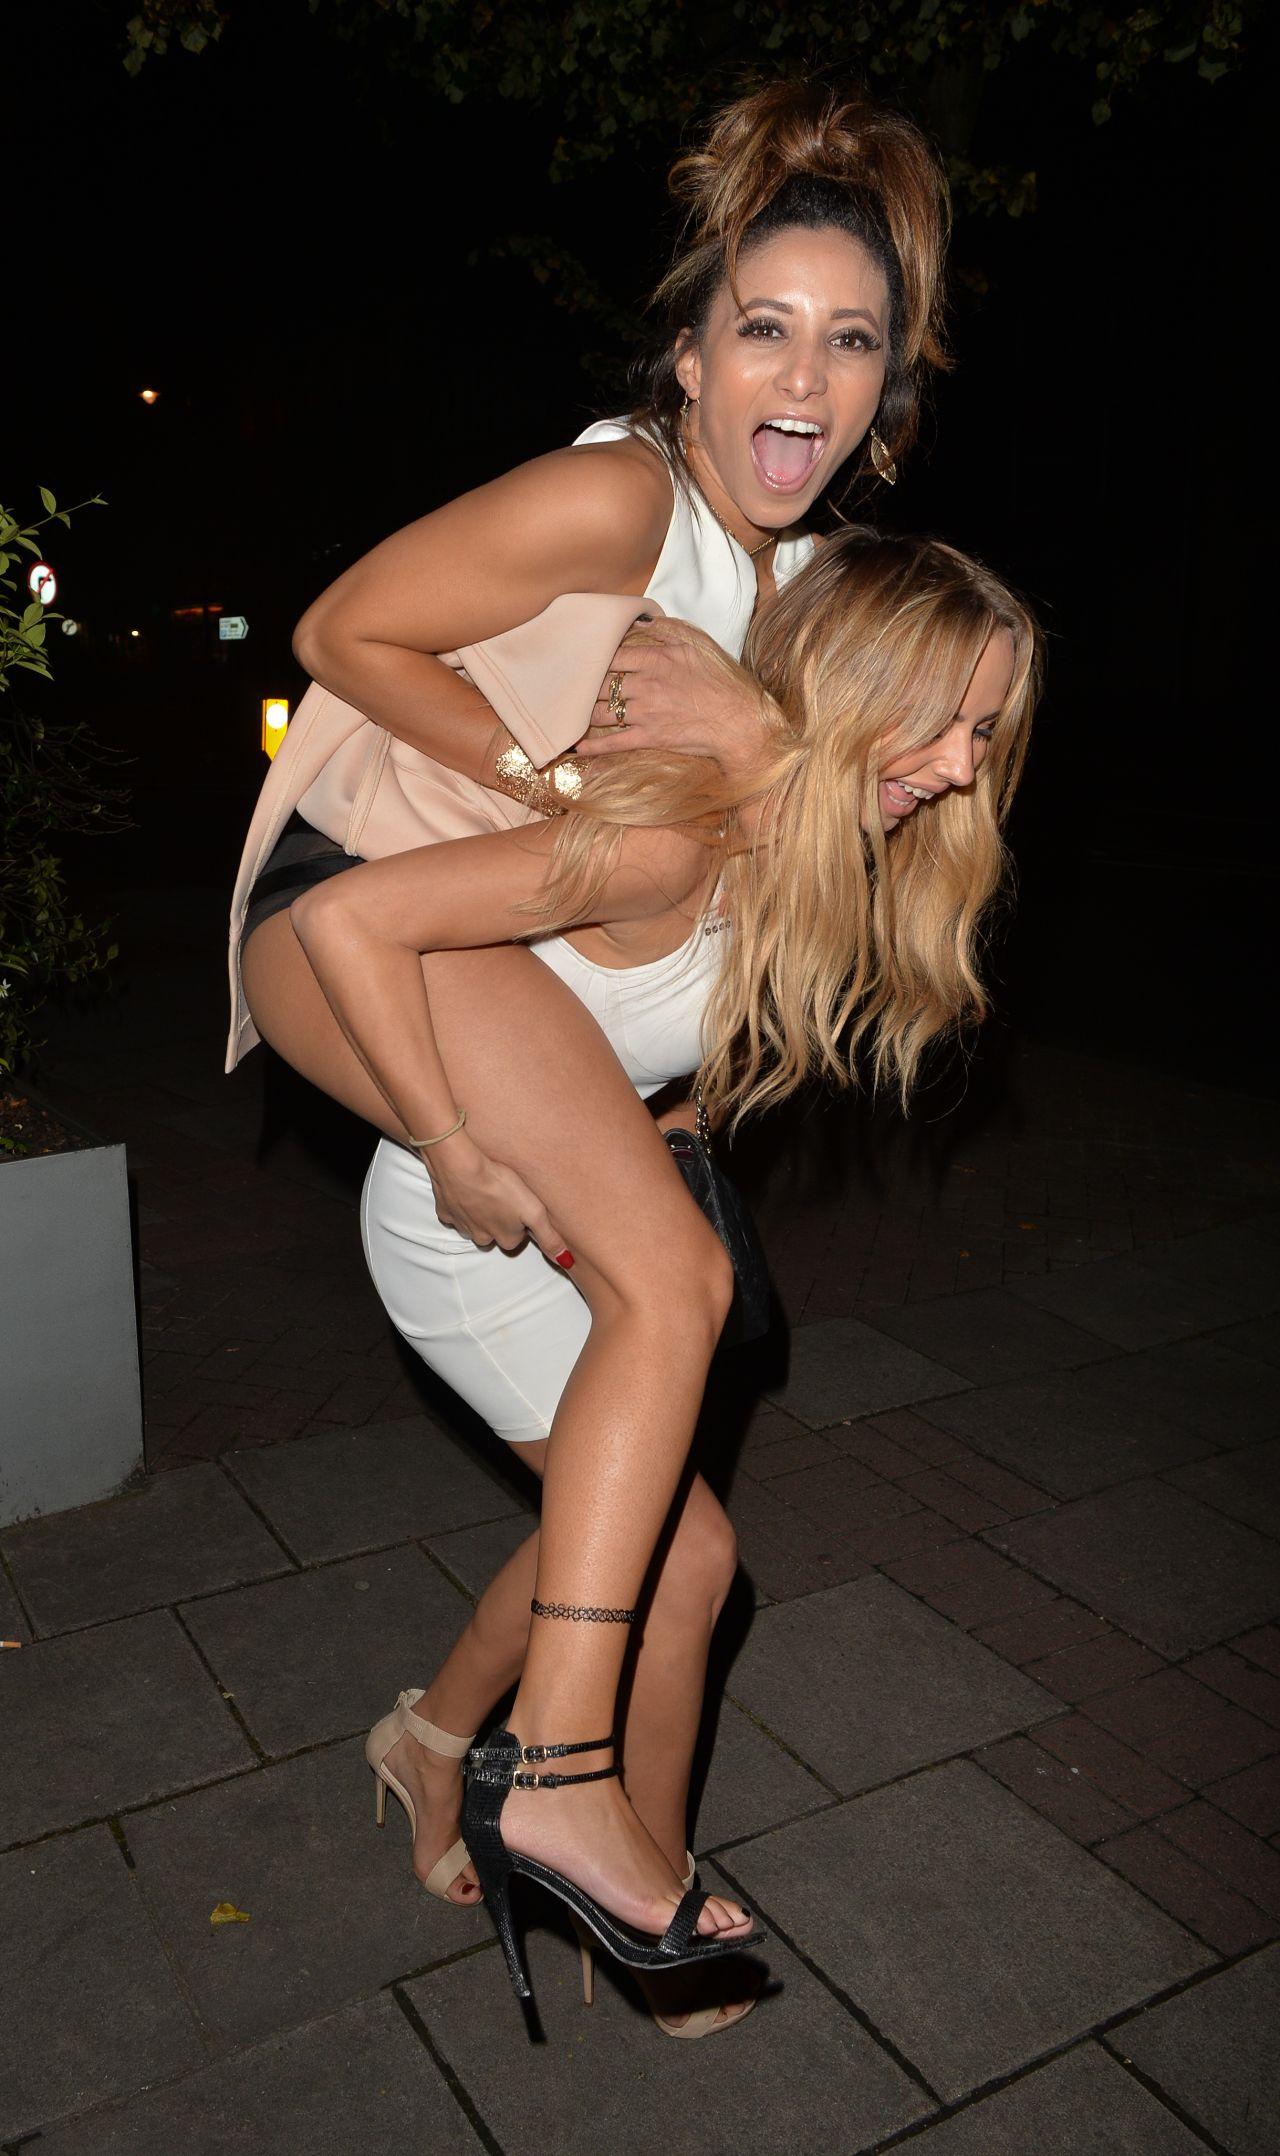 Kayleigh Morris in Blue Bikini in Cyprus Pic 10 of 35